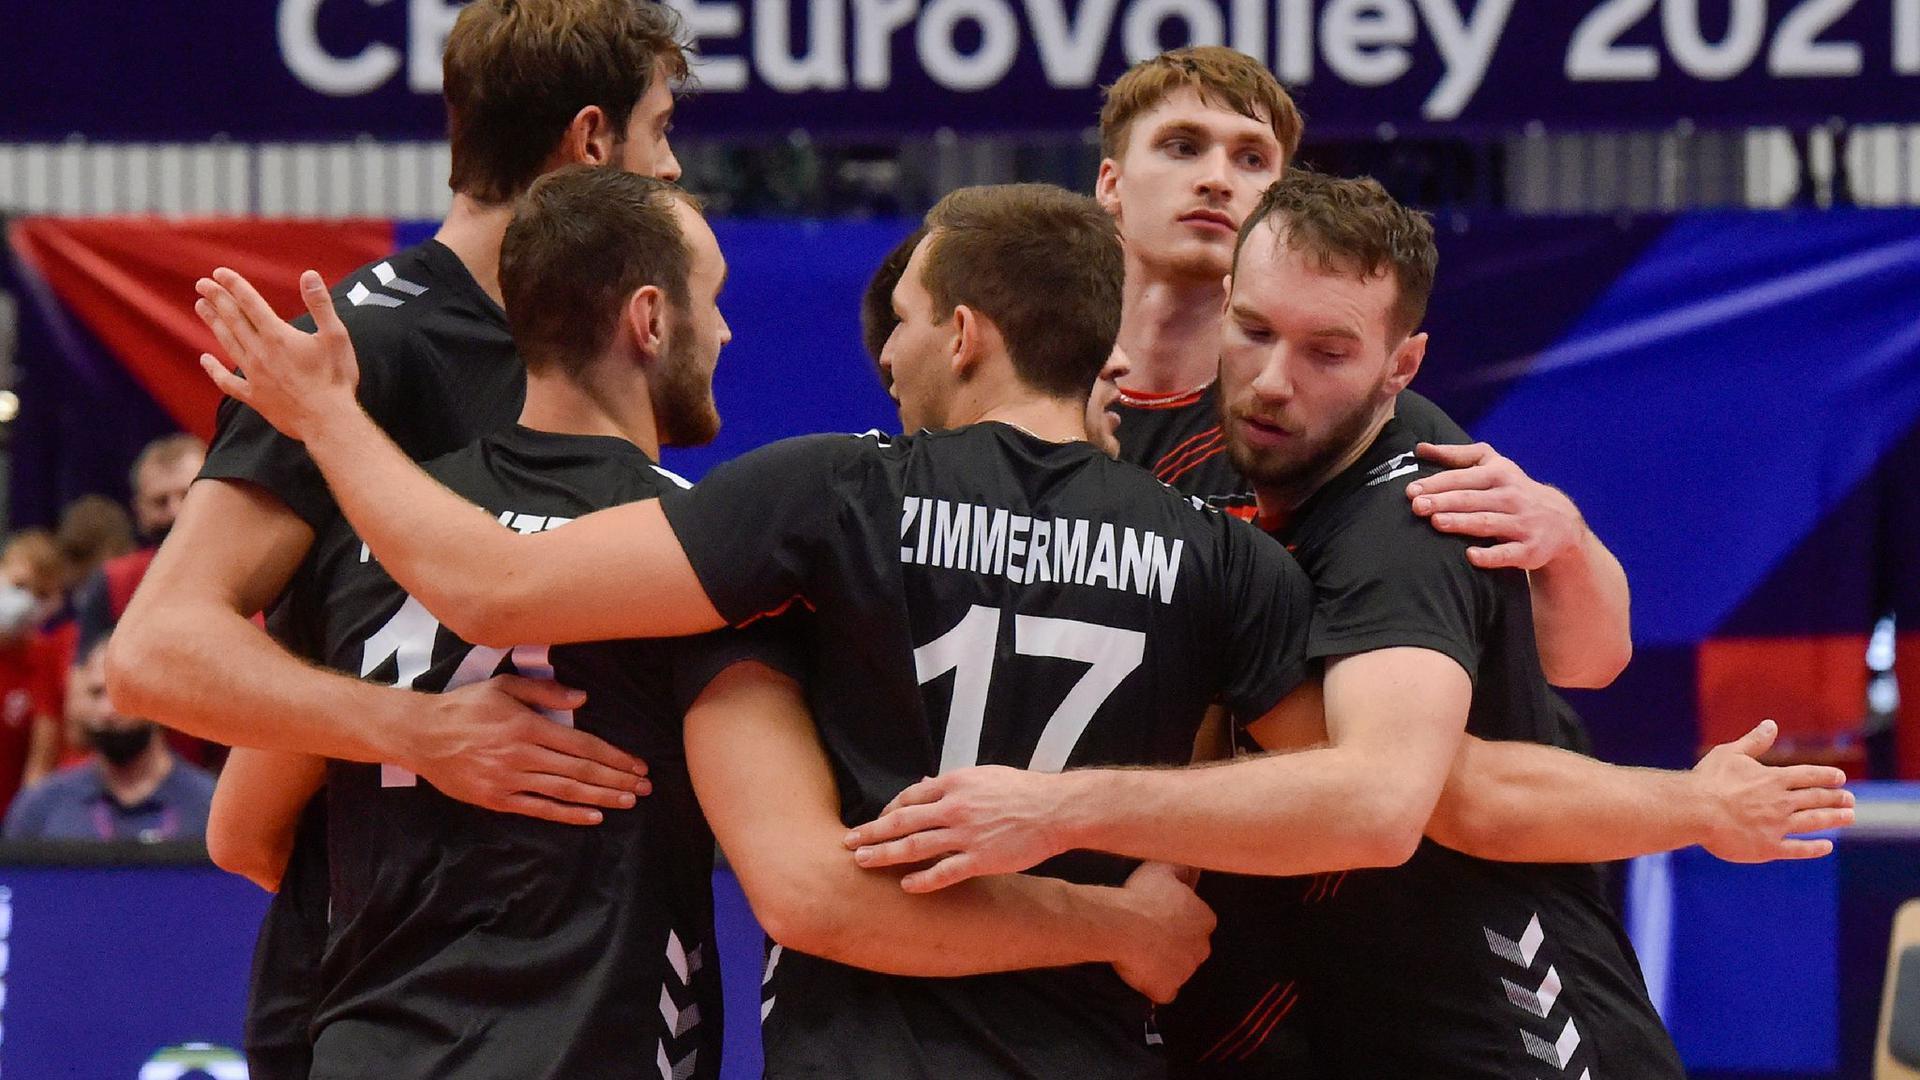 Die deutschen Spieler bejubeln einen Punktgewinn, scheitern am Ende aber an Italien.